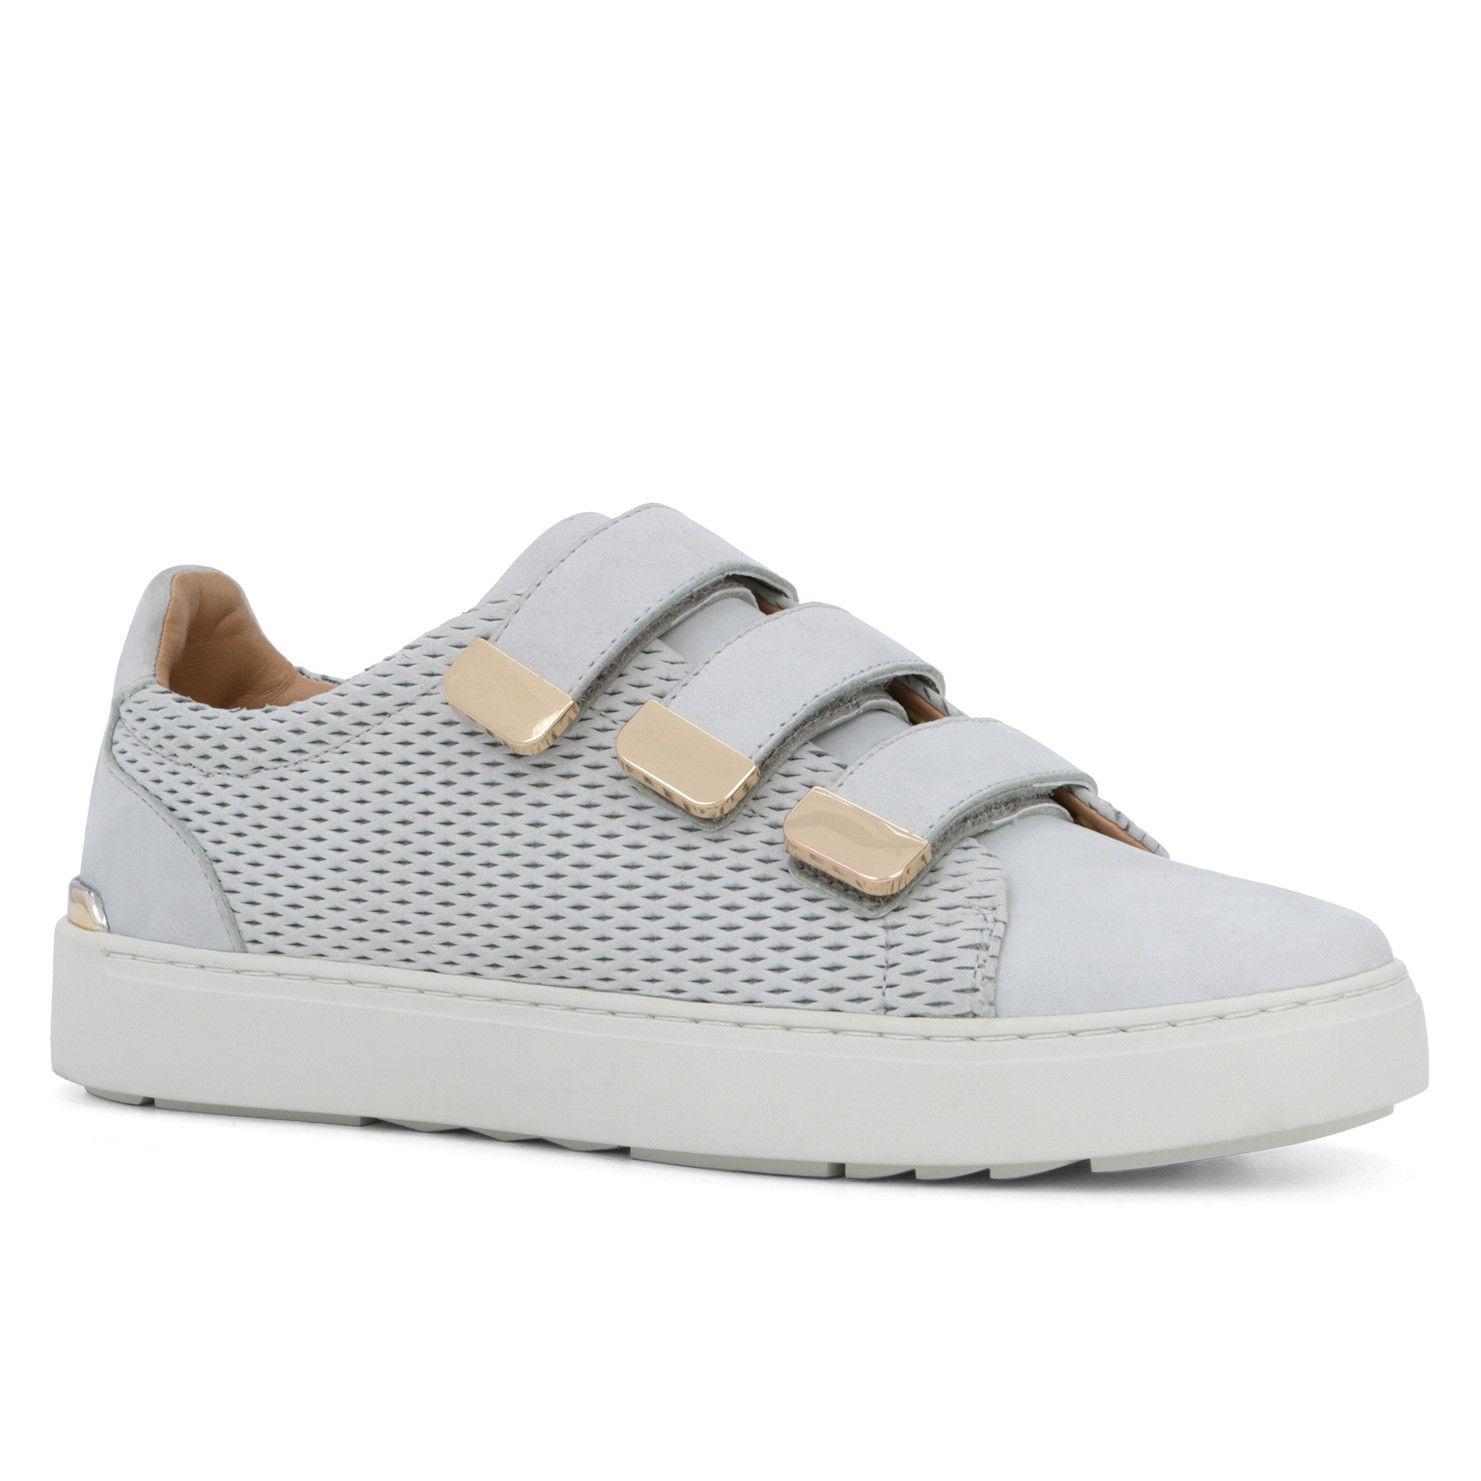 aldo shoes women sneakers